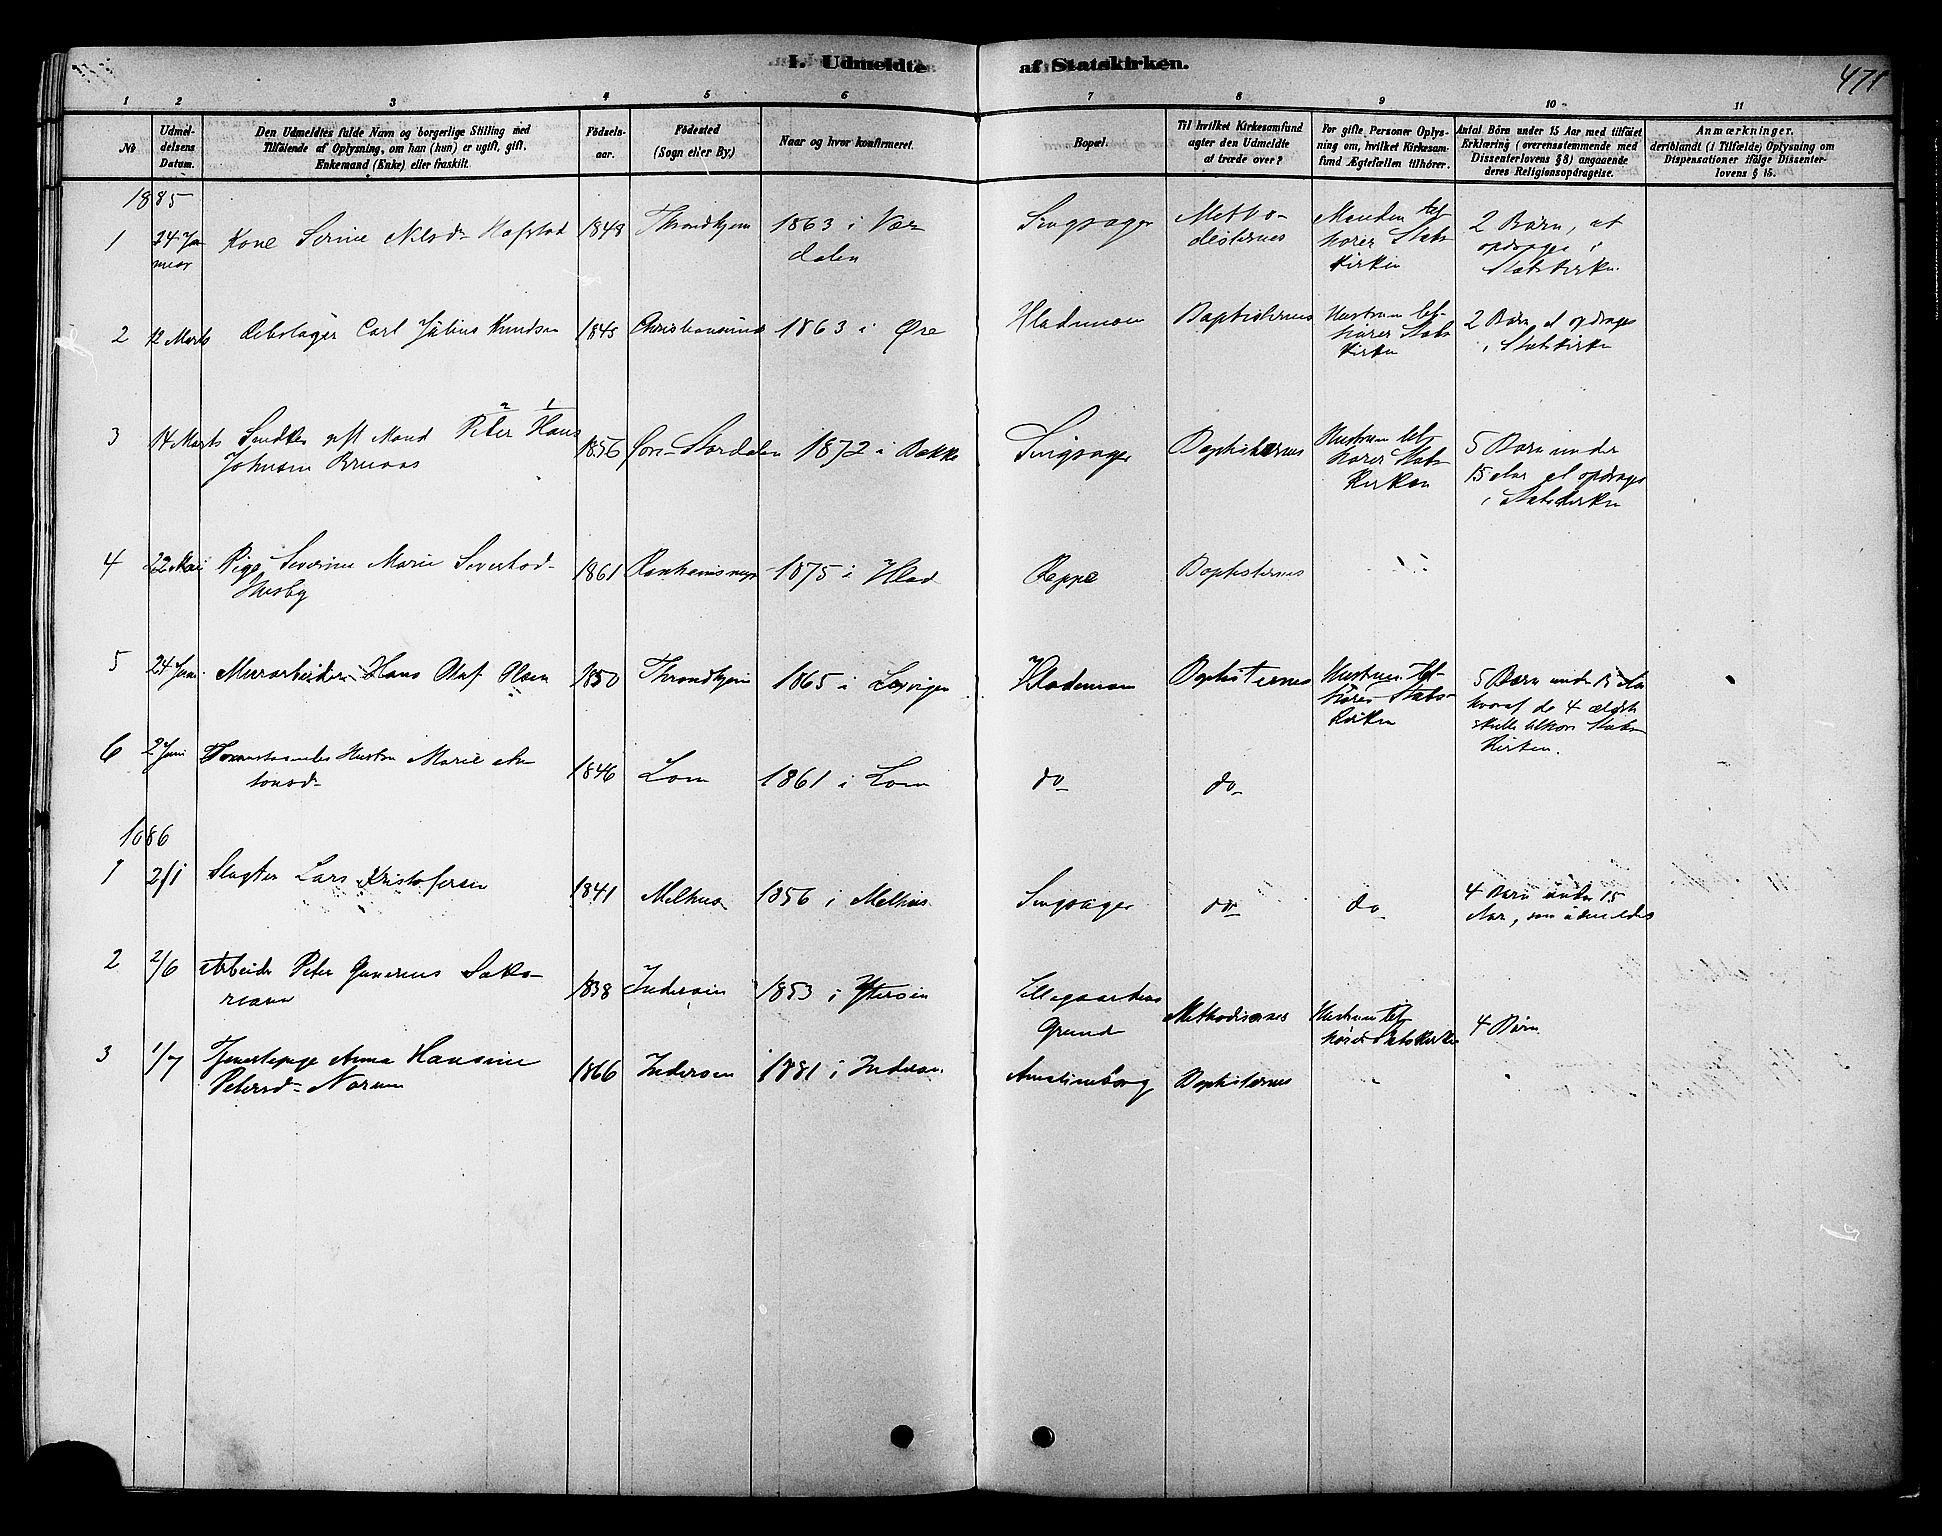 SAT, Ministerialprotokoller, klokkerbøker og fødselsregistre - Sør-Trøndelag, 606/L0294: Ministerialbok nr. 606A09, 1878-1886, s. 471